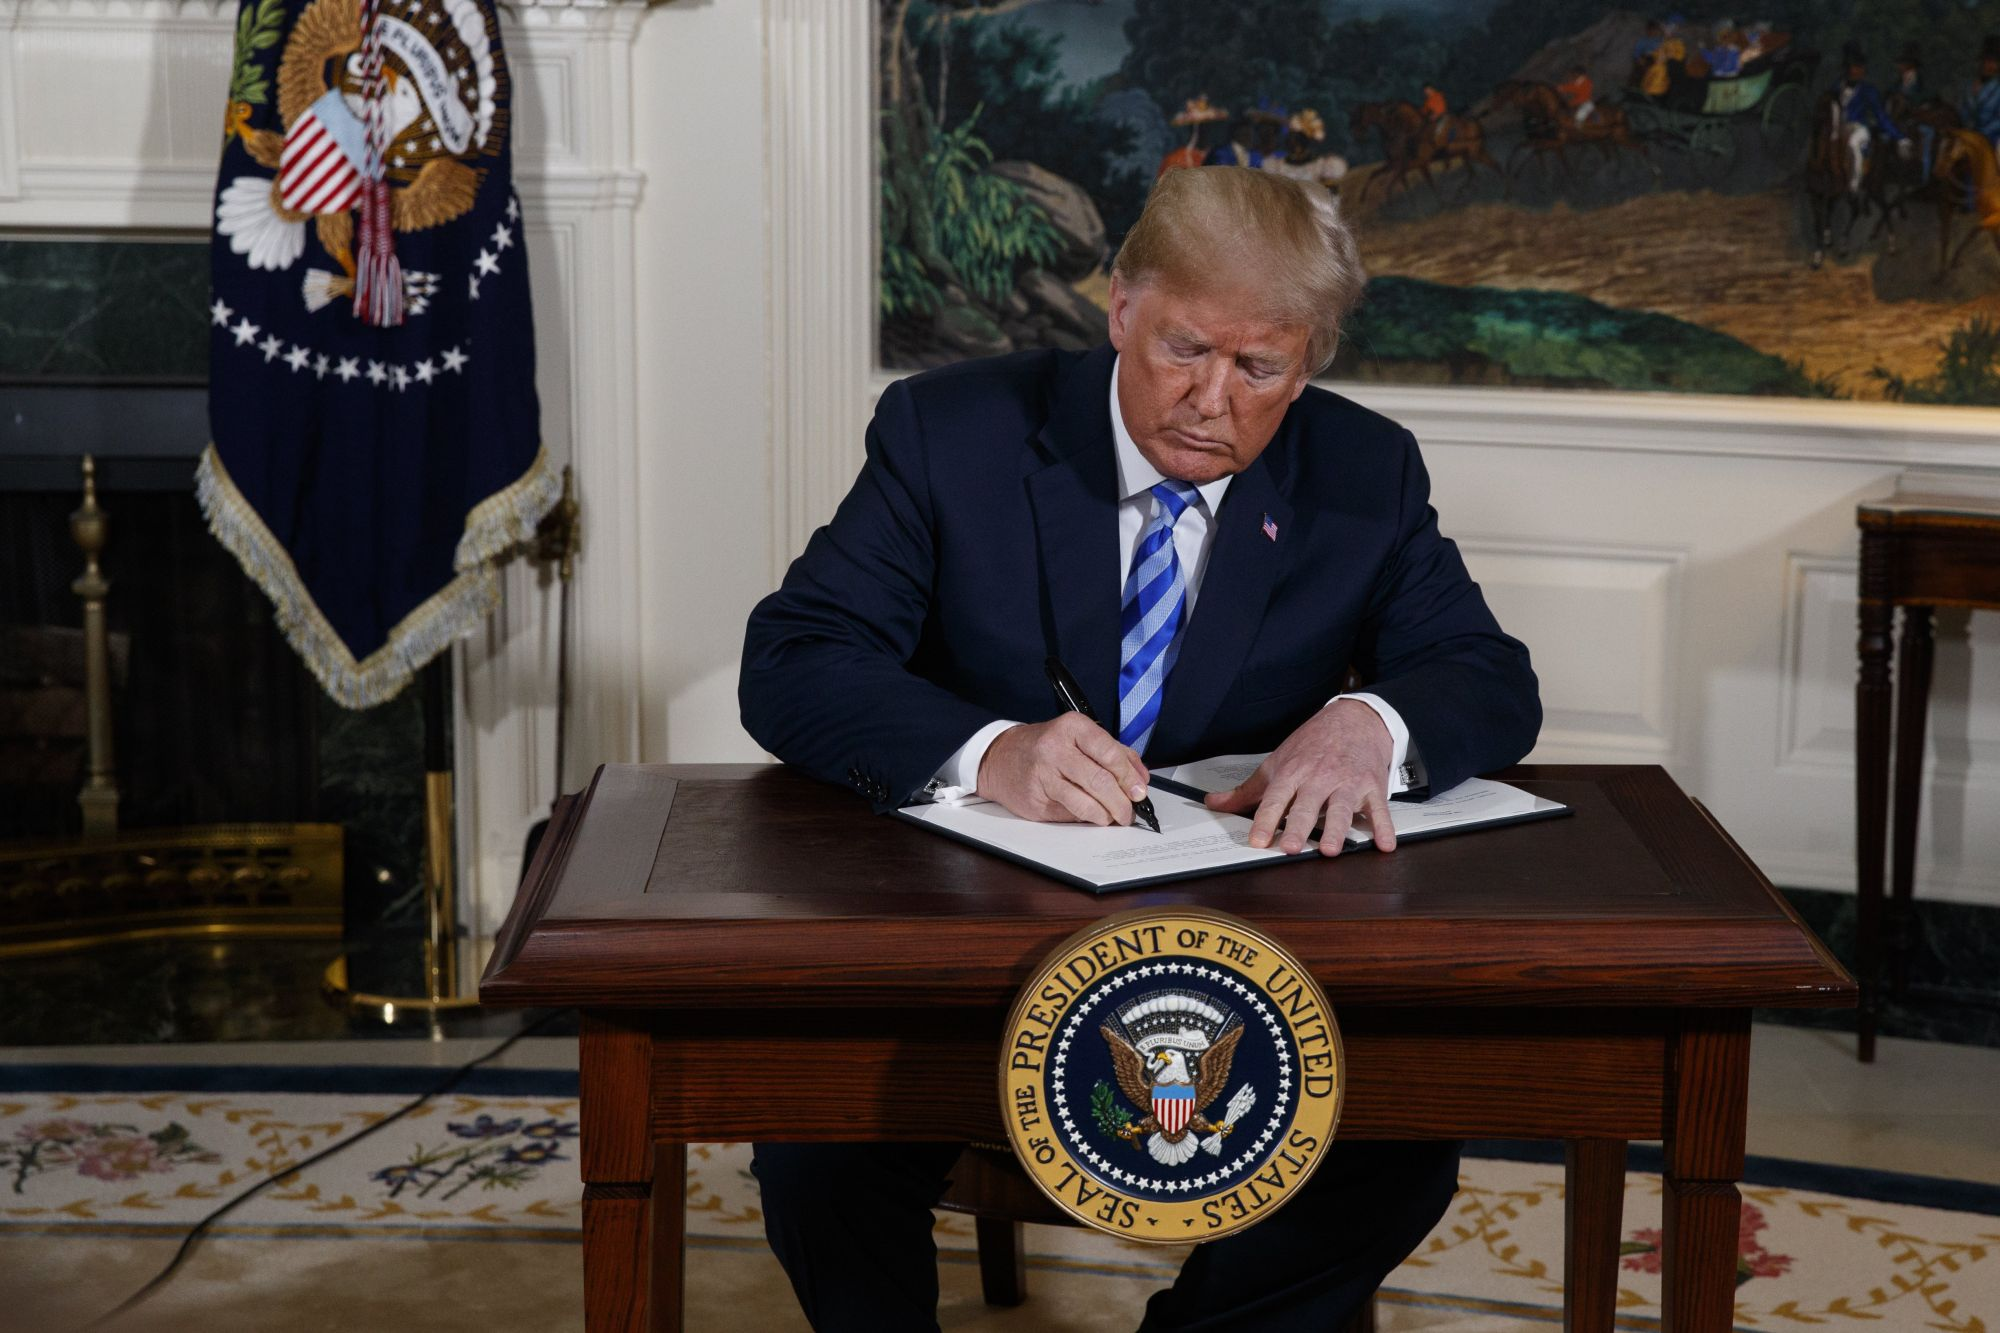 Donald Trump amerikai elnök rendeletet ír alá Irán elleni szankciók visszaállításáról a washingtoni Fehér Házban 2018. május 8-án, miután bejelentette, hogy az Egyesült Államok kilép az iráni atomprogramról 2015-ben aláírt többhatalmi szerződésből. (MTI/AP/Evan Vucci)